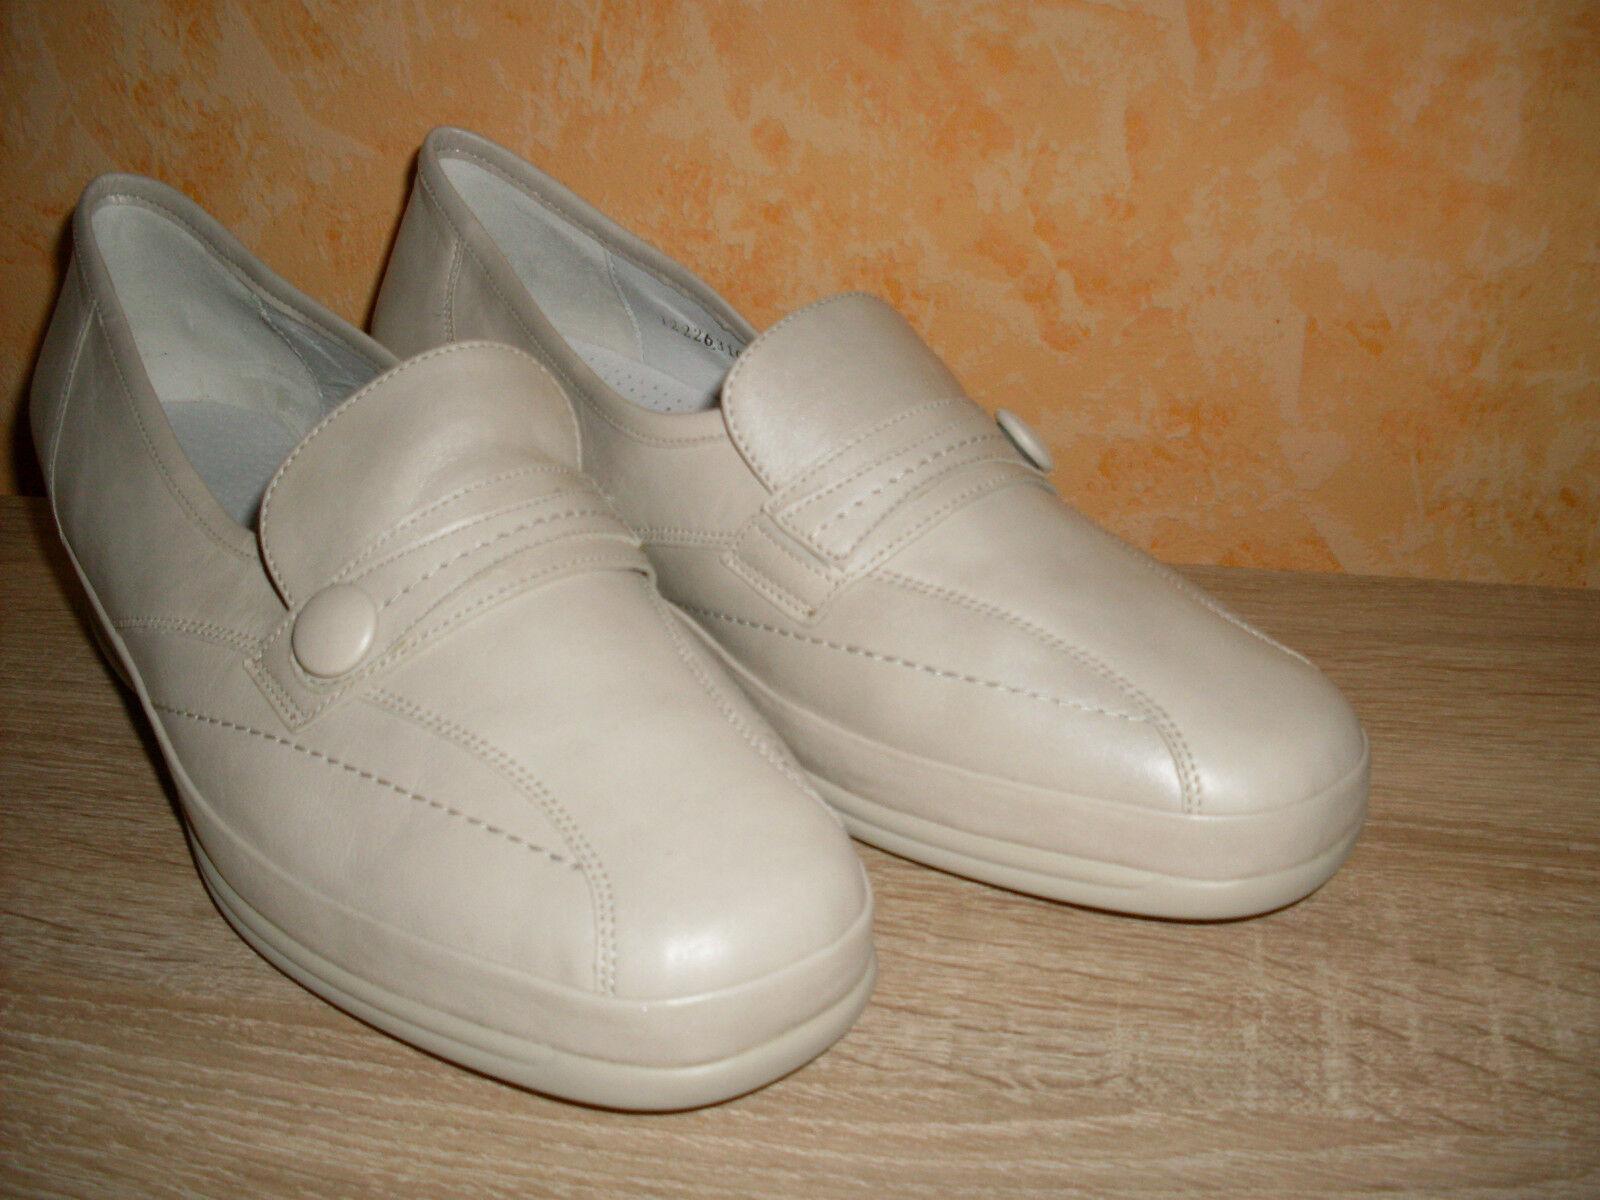 Zapatos casuales salvajes Descuento por tiempo limitado Damenschuh Waldläufer Slipper NEU Gr. 42,5  8,5 Weite K in beige & Nappa Leder